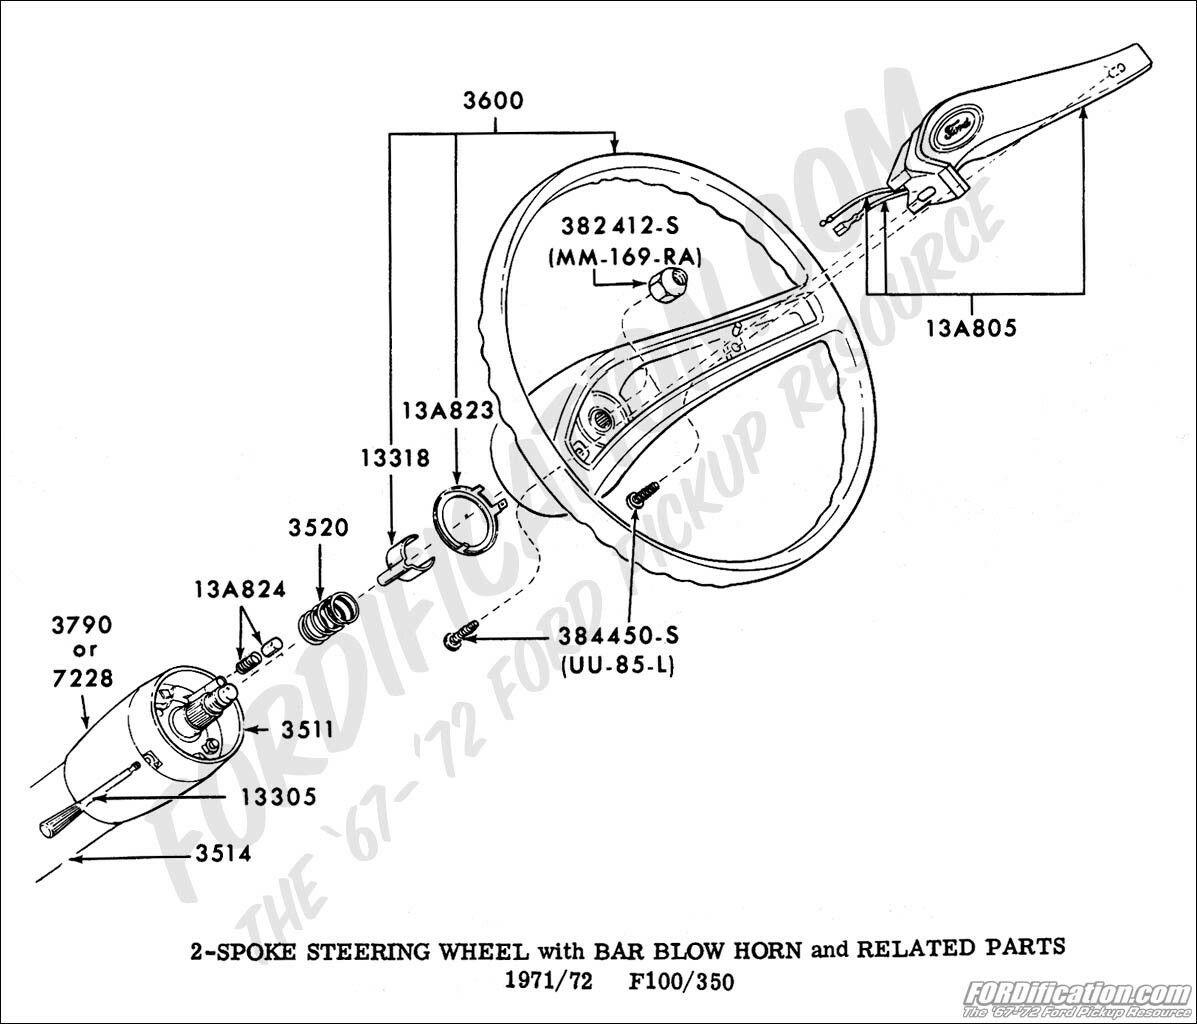 Ford Truck 2 Spoke Steering Wheel w/ Bar Blow Horn 1971